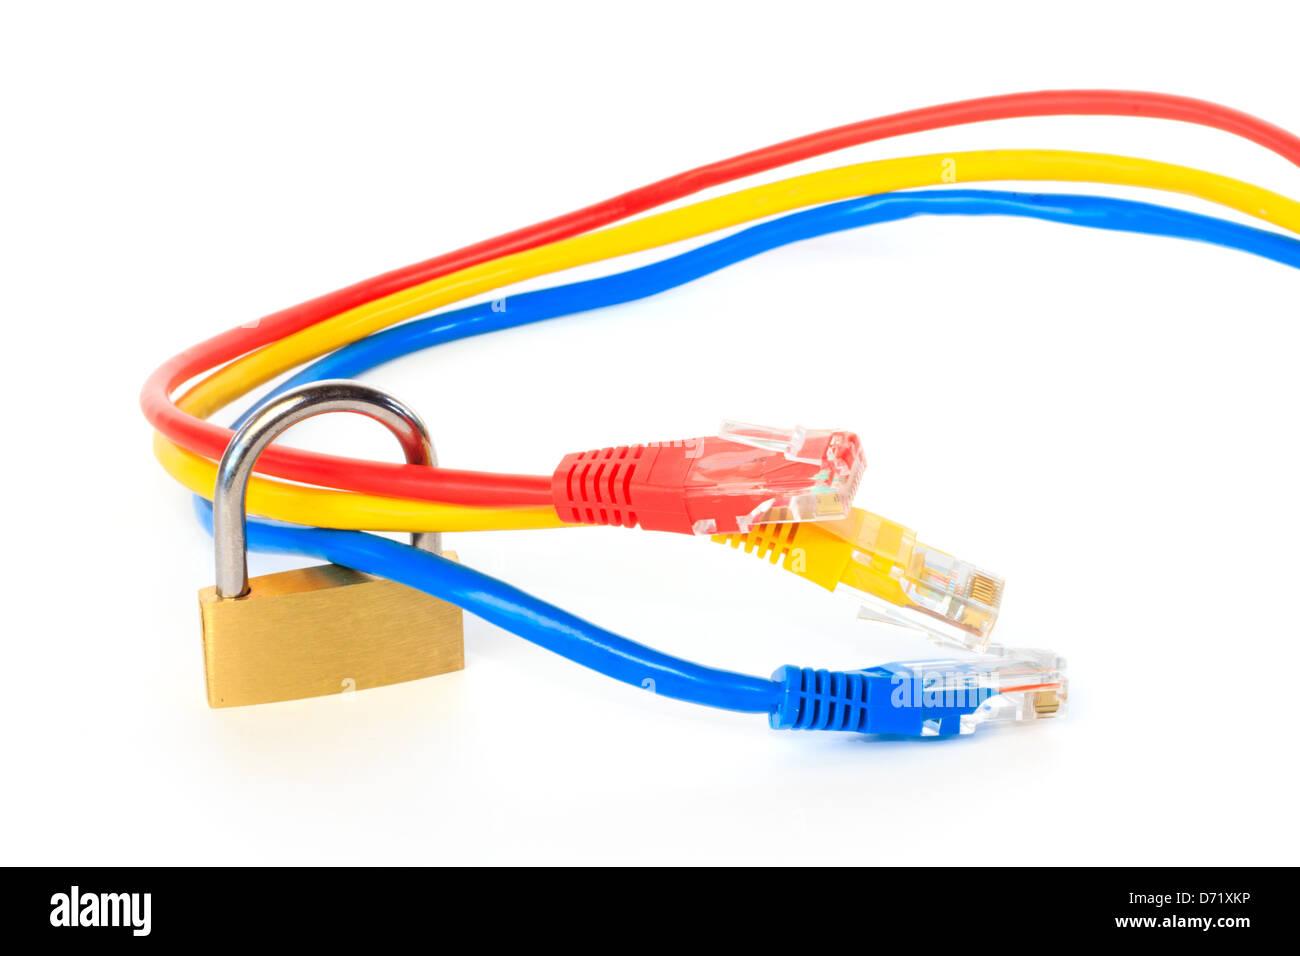 Gesicherten Netzwerk-Kabel mit einem Vorhängeschloss vor weißem ...